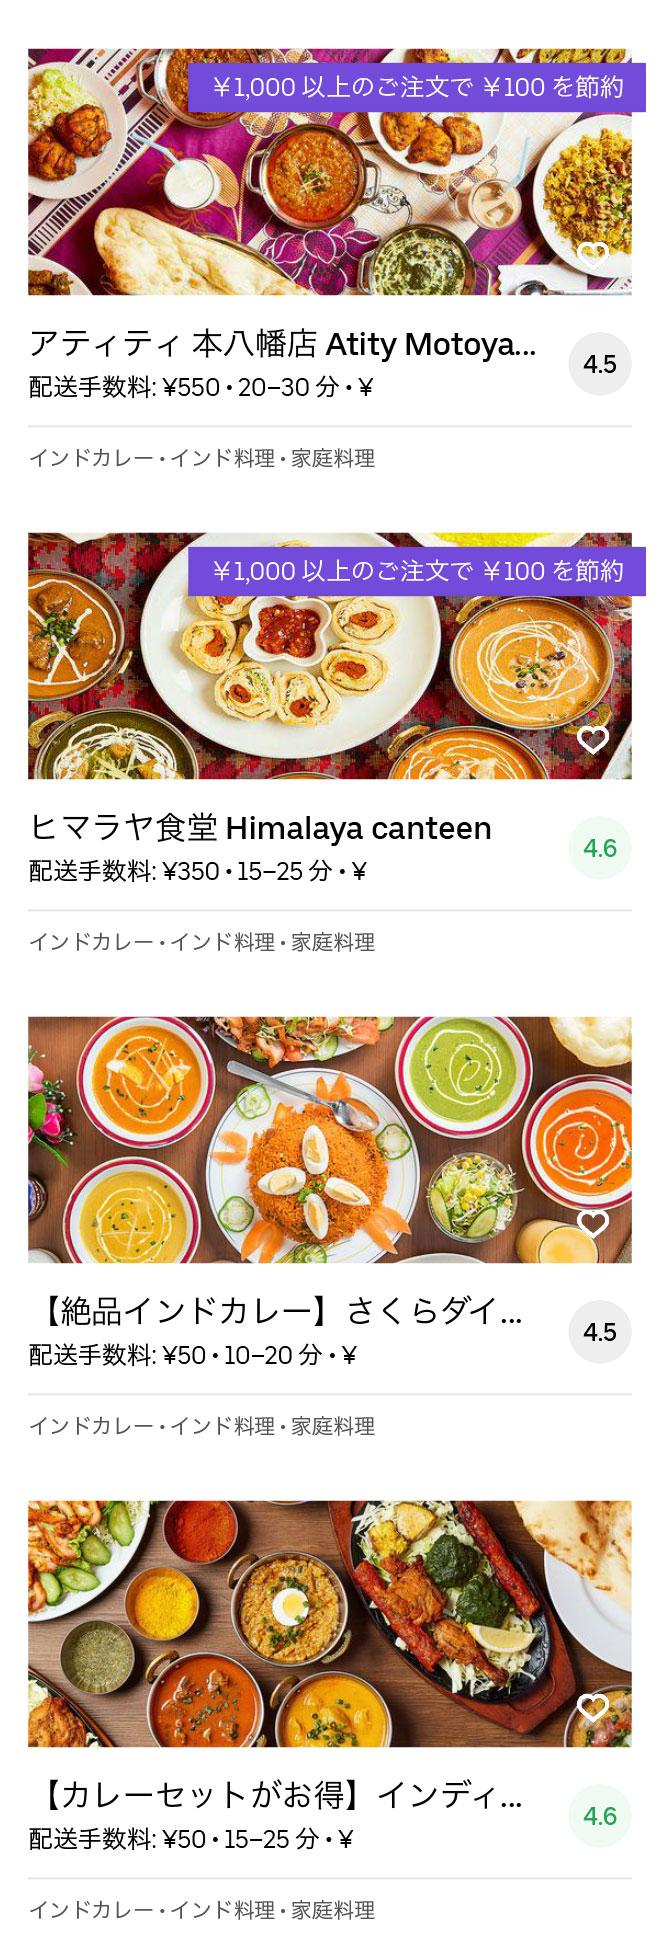 Ichikawa gyotoku menu 2004 07